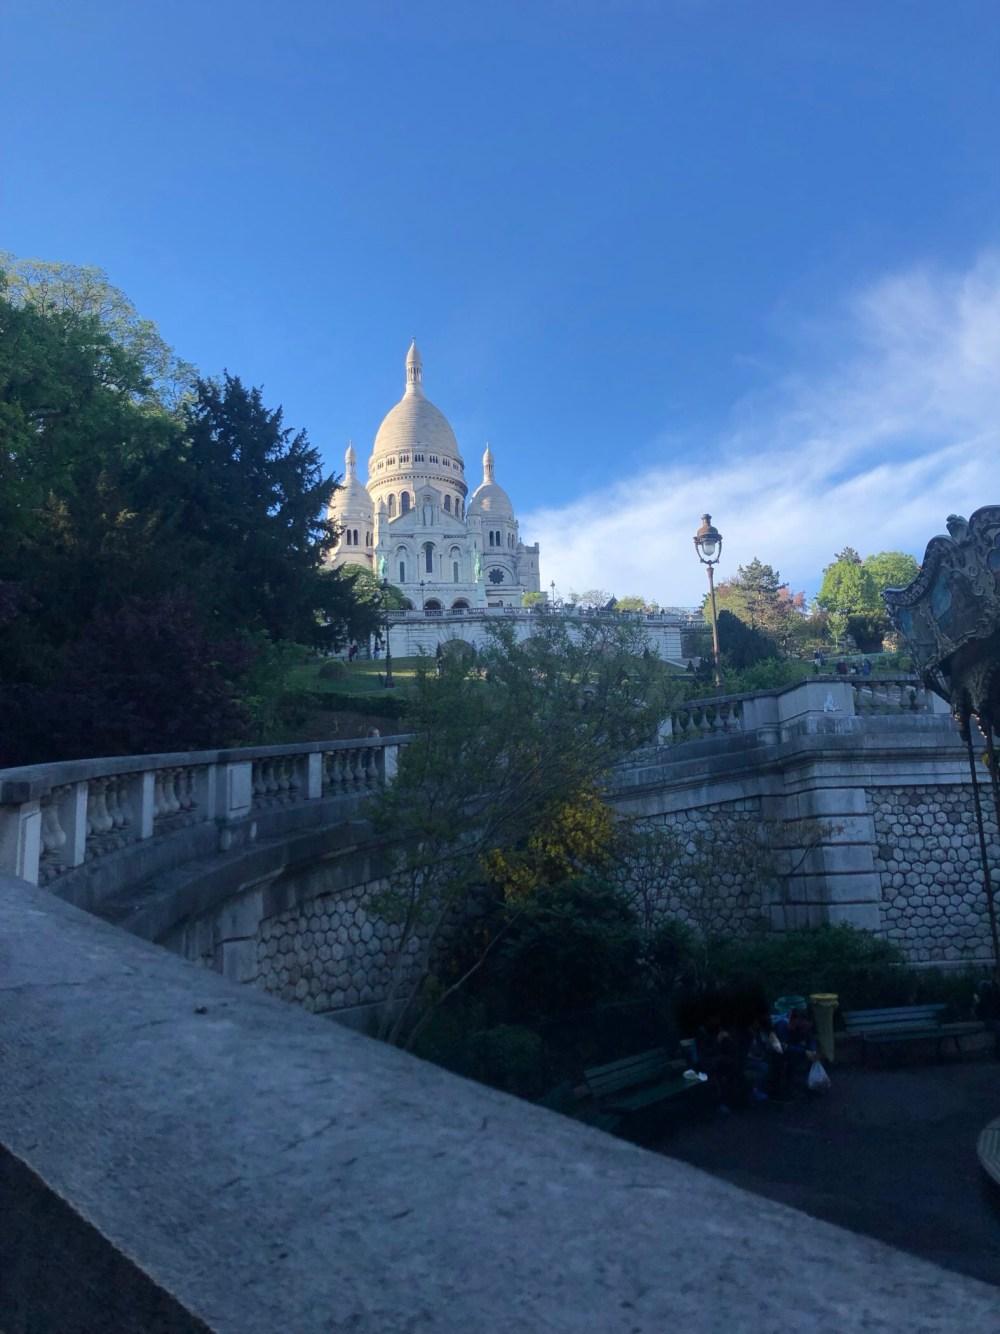 Die Basilika, Sacré-Coeur aus dem 18. Arrondissement von Paris, auf dem Monmartre unter strahlend blauem Himmel